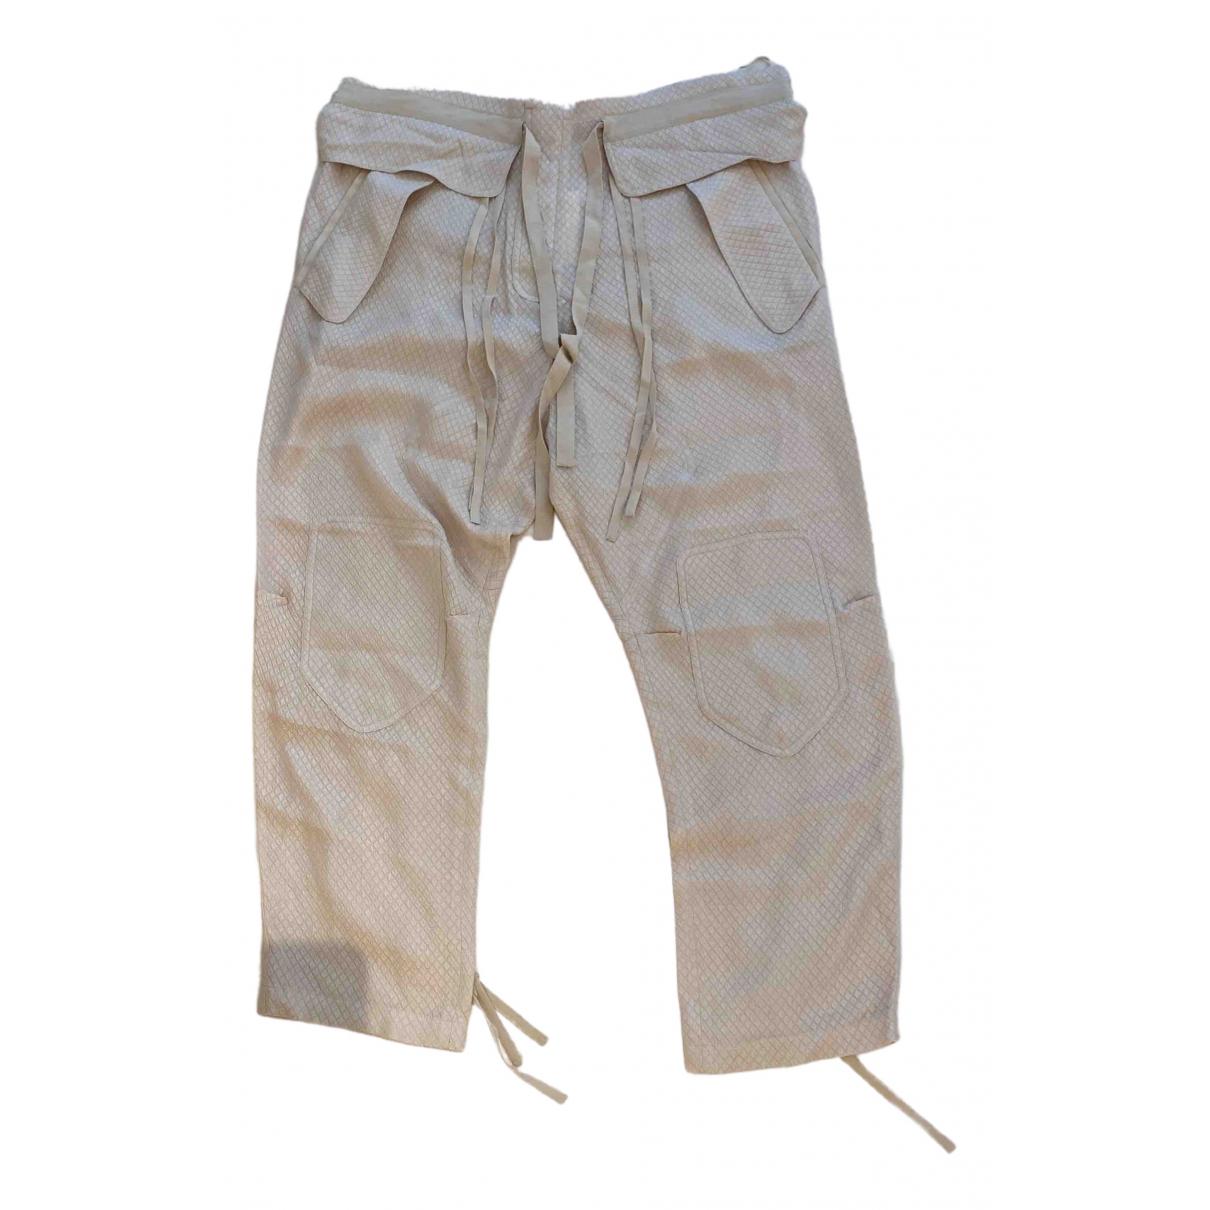 Pantalon corto de Seda Chloe